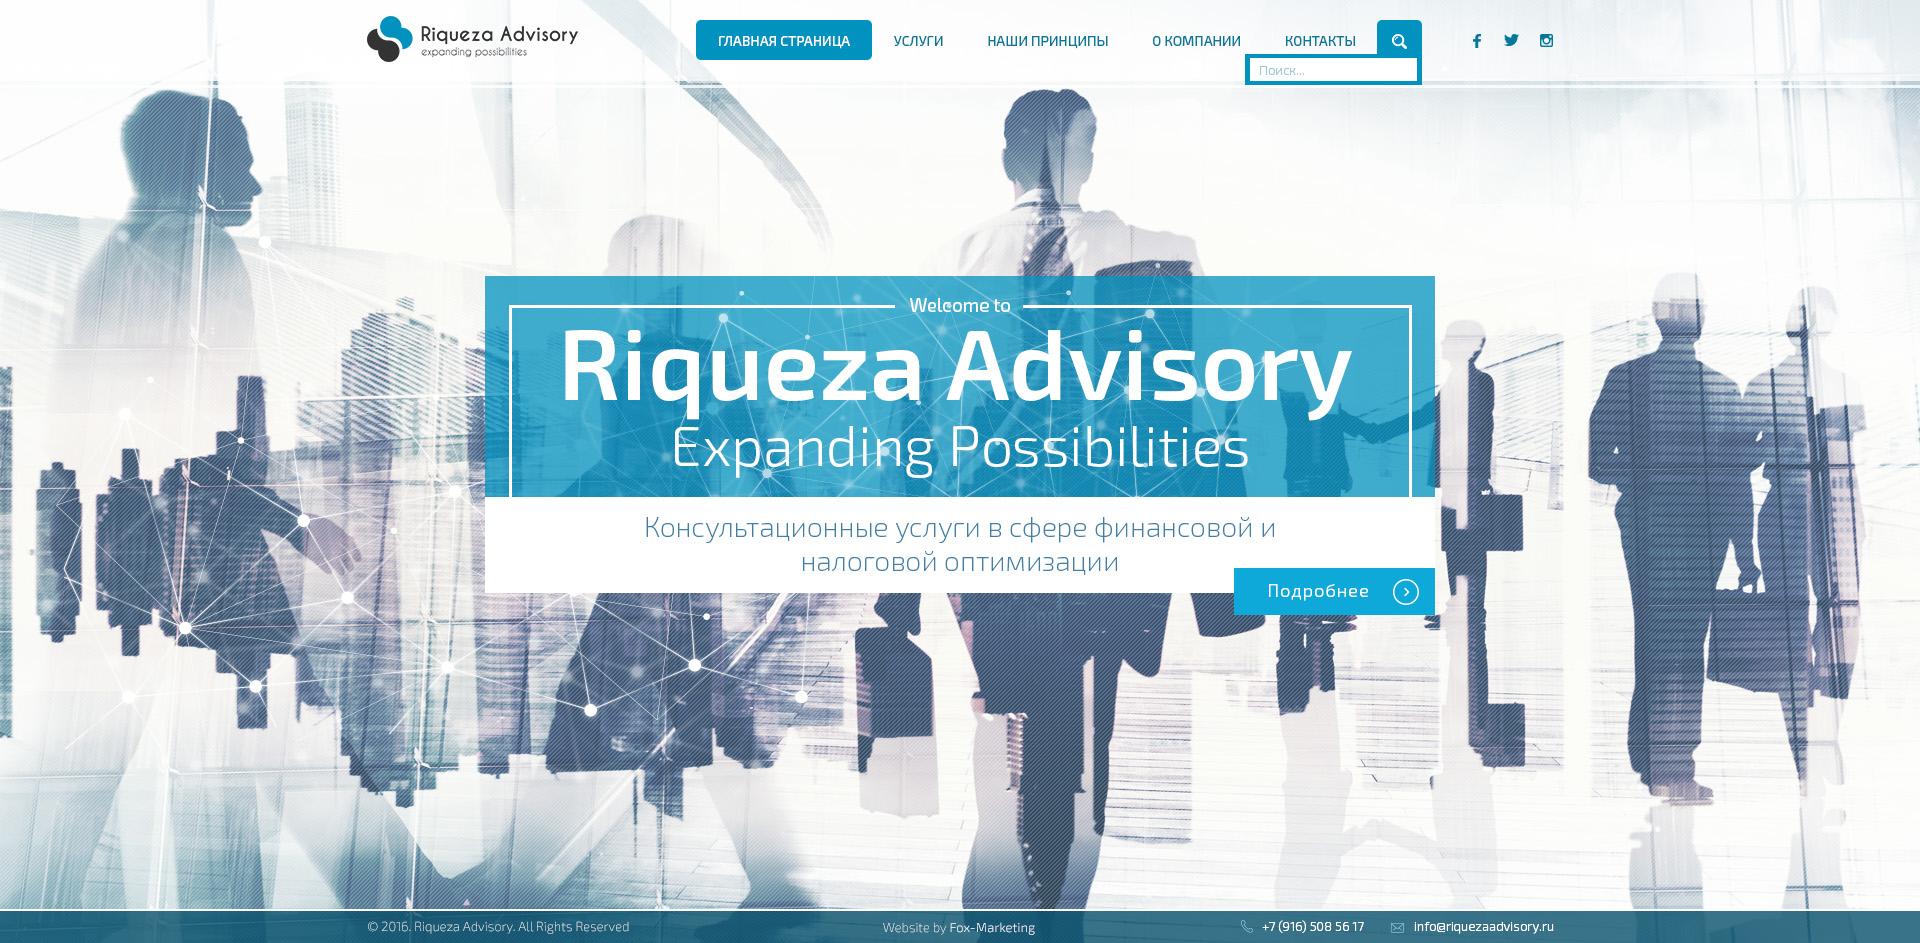 Нестандартный корпоративный сайт для консультационной компании Riqueza Advisory